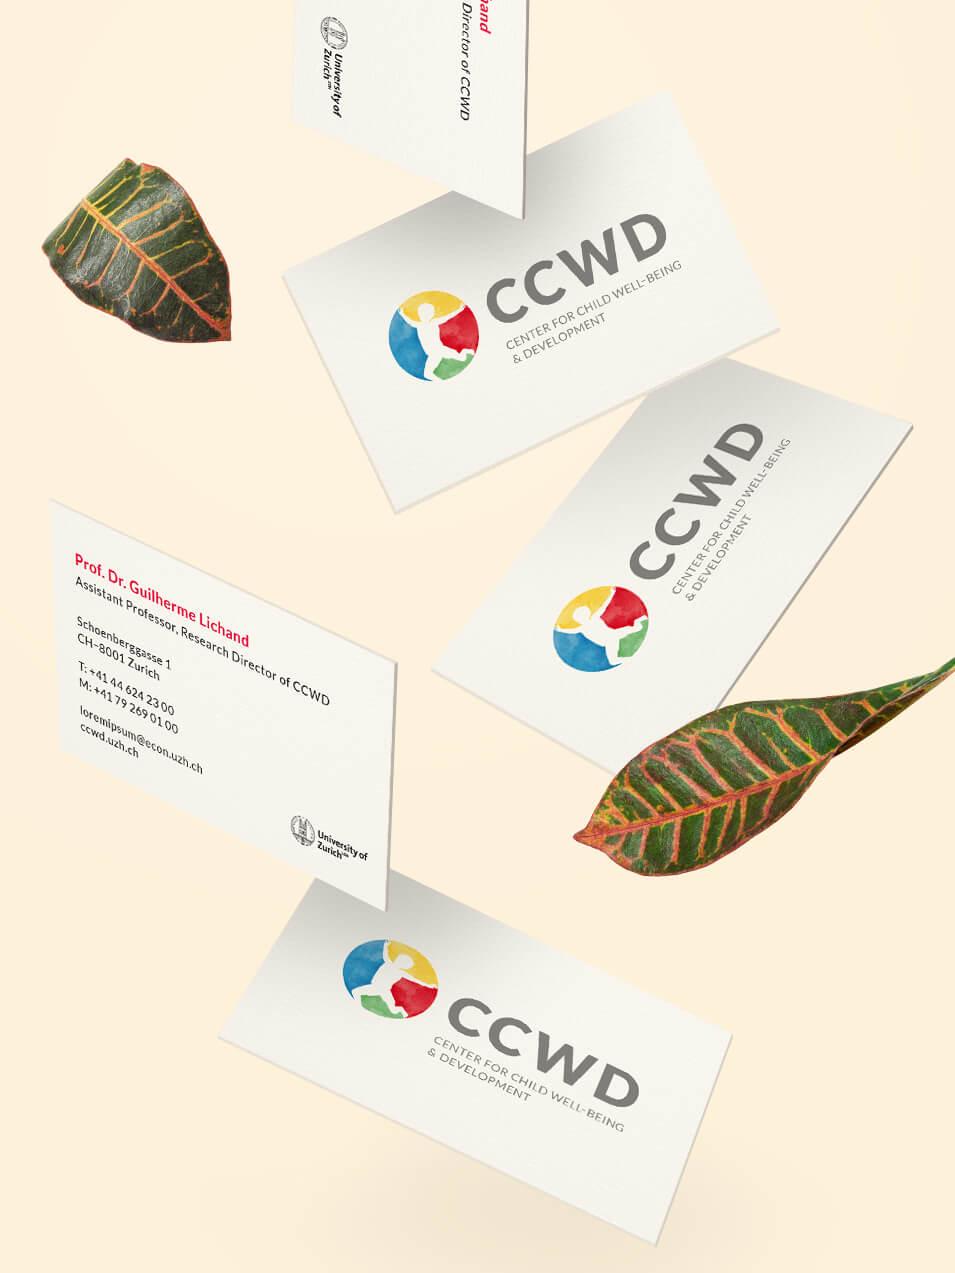 Markenauftritt CCWD, Universität Zürich